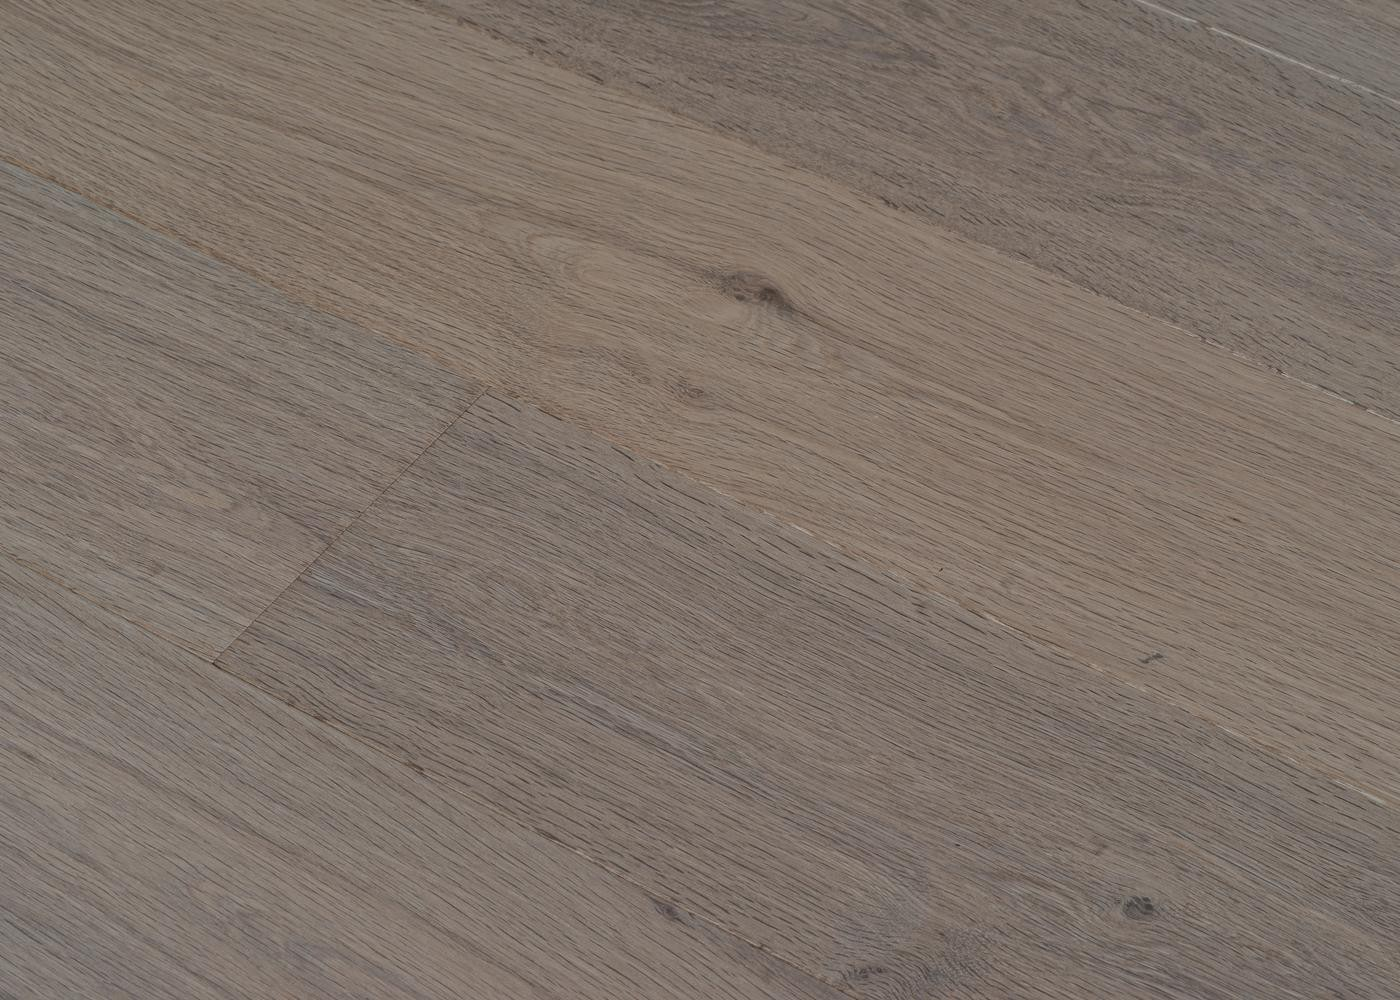 Parquet chêne contrecollé CEMENTO huile cire Mélange 50% PRBis, 50% Matière 12x160x1100-2200